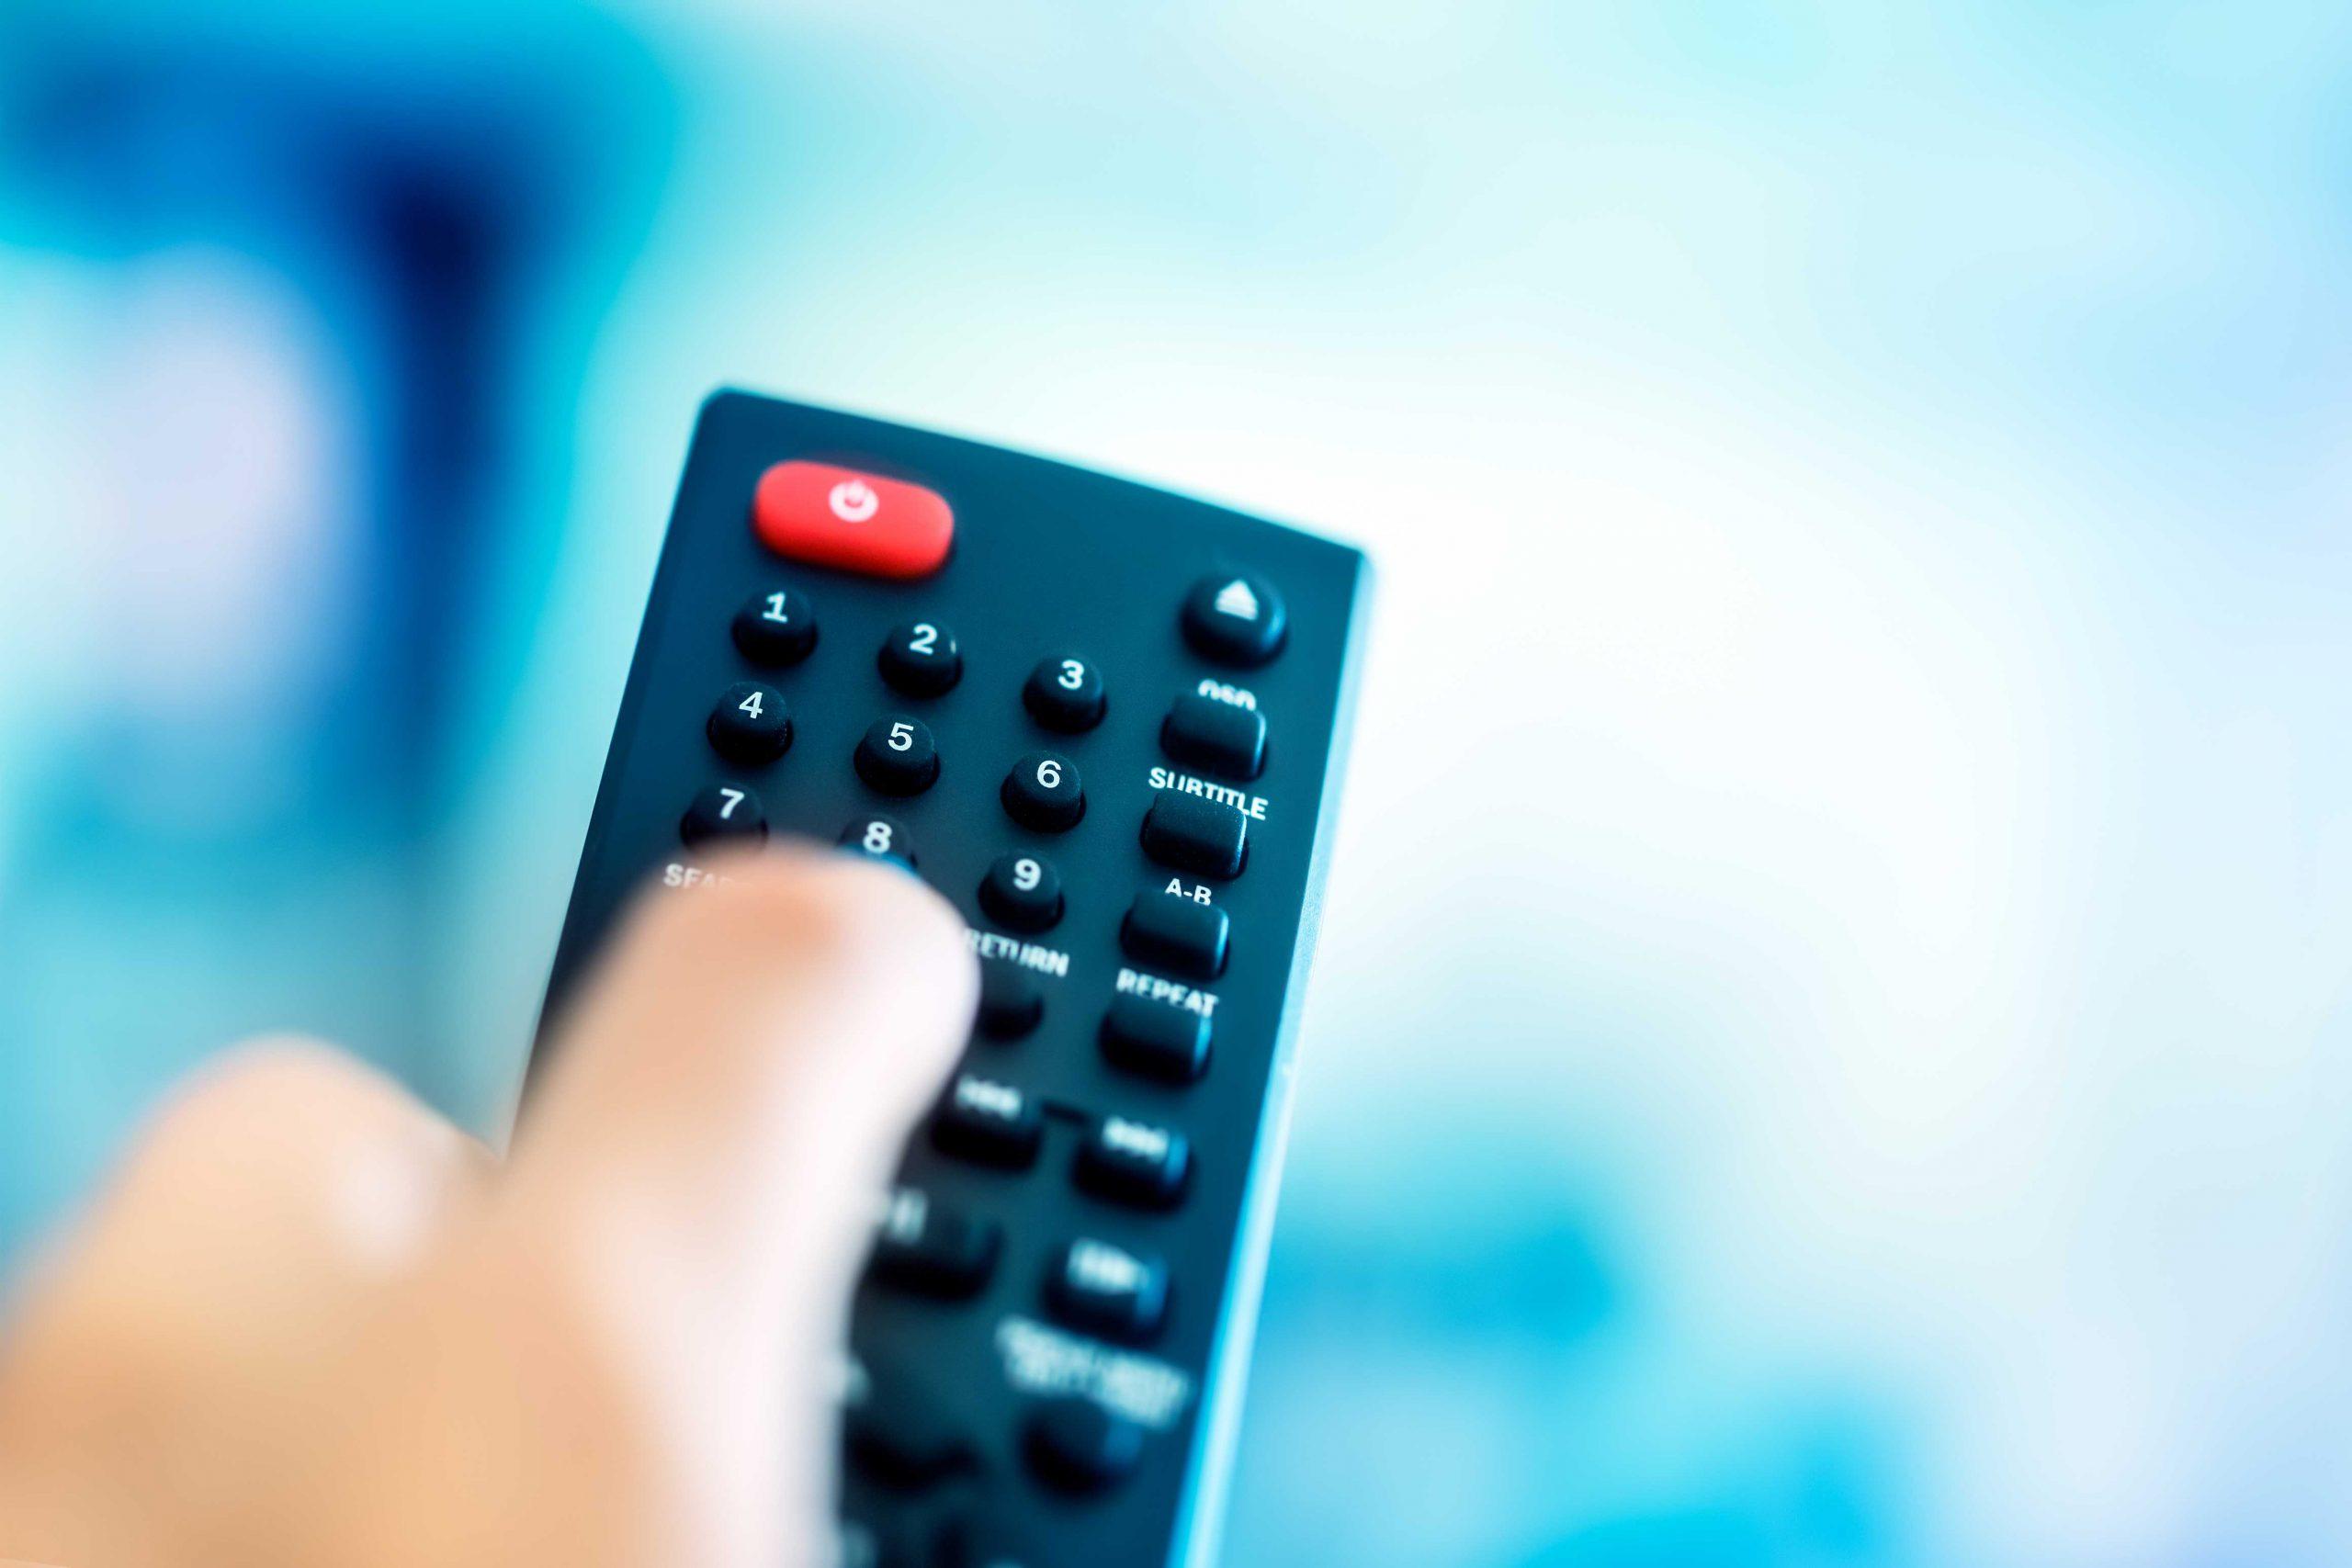 best streaming device, أفضل أجهزة بث للتلفزيون